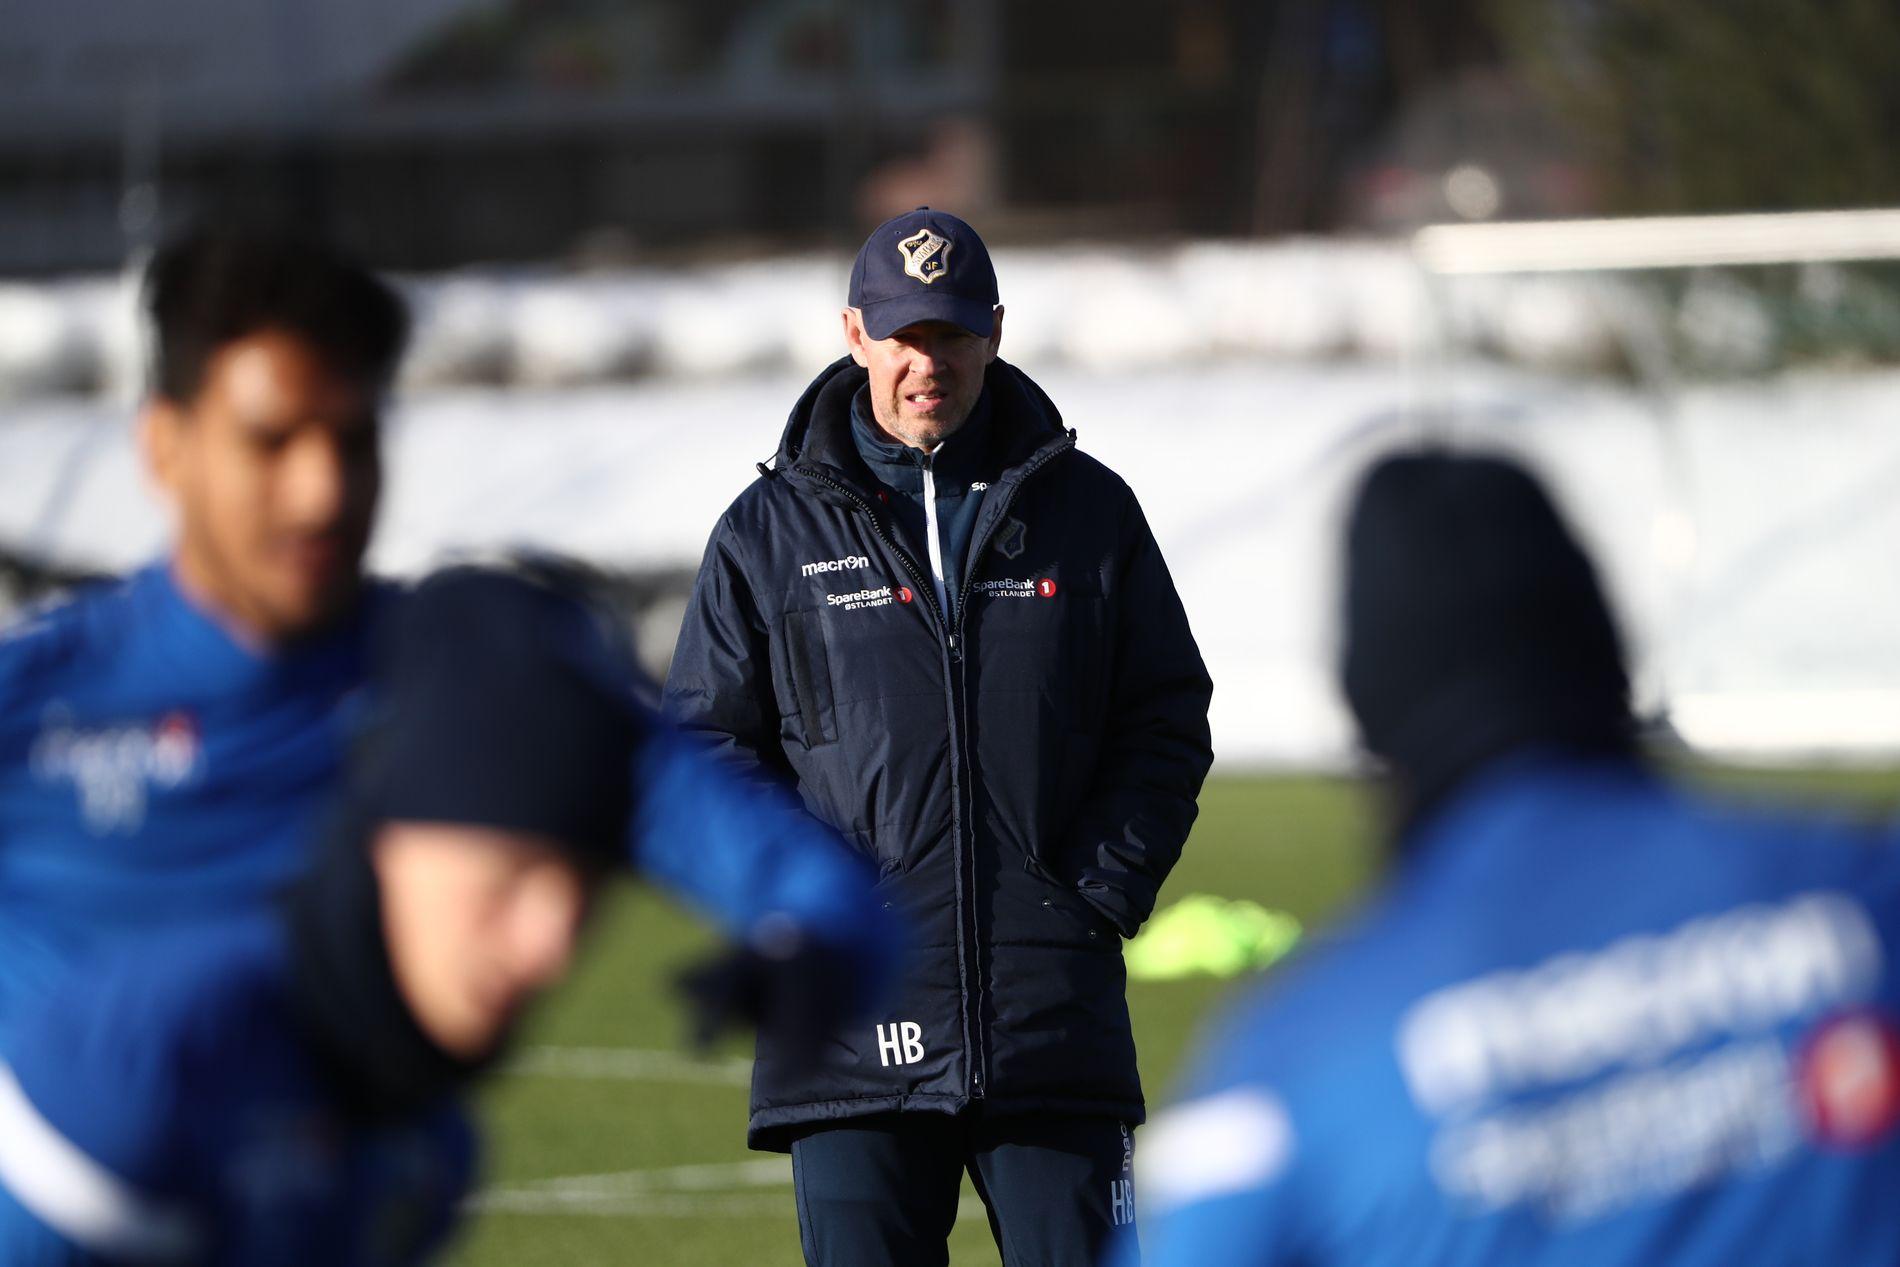 PÅ JOBB: Henning Berg ledet onsdagens Stabæk-trening.